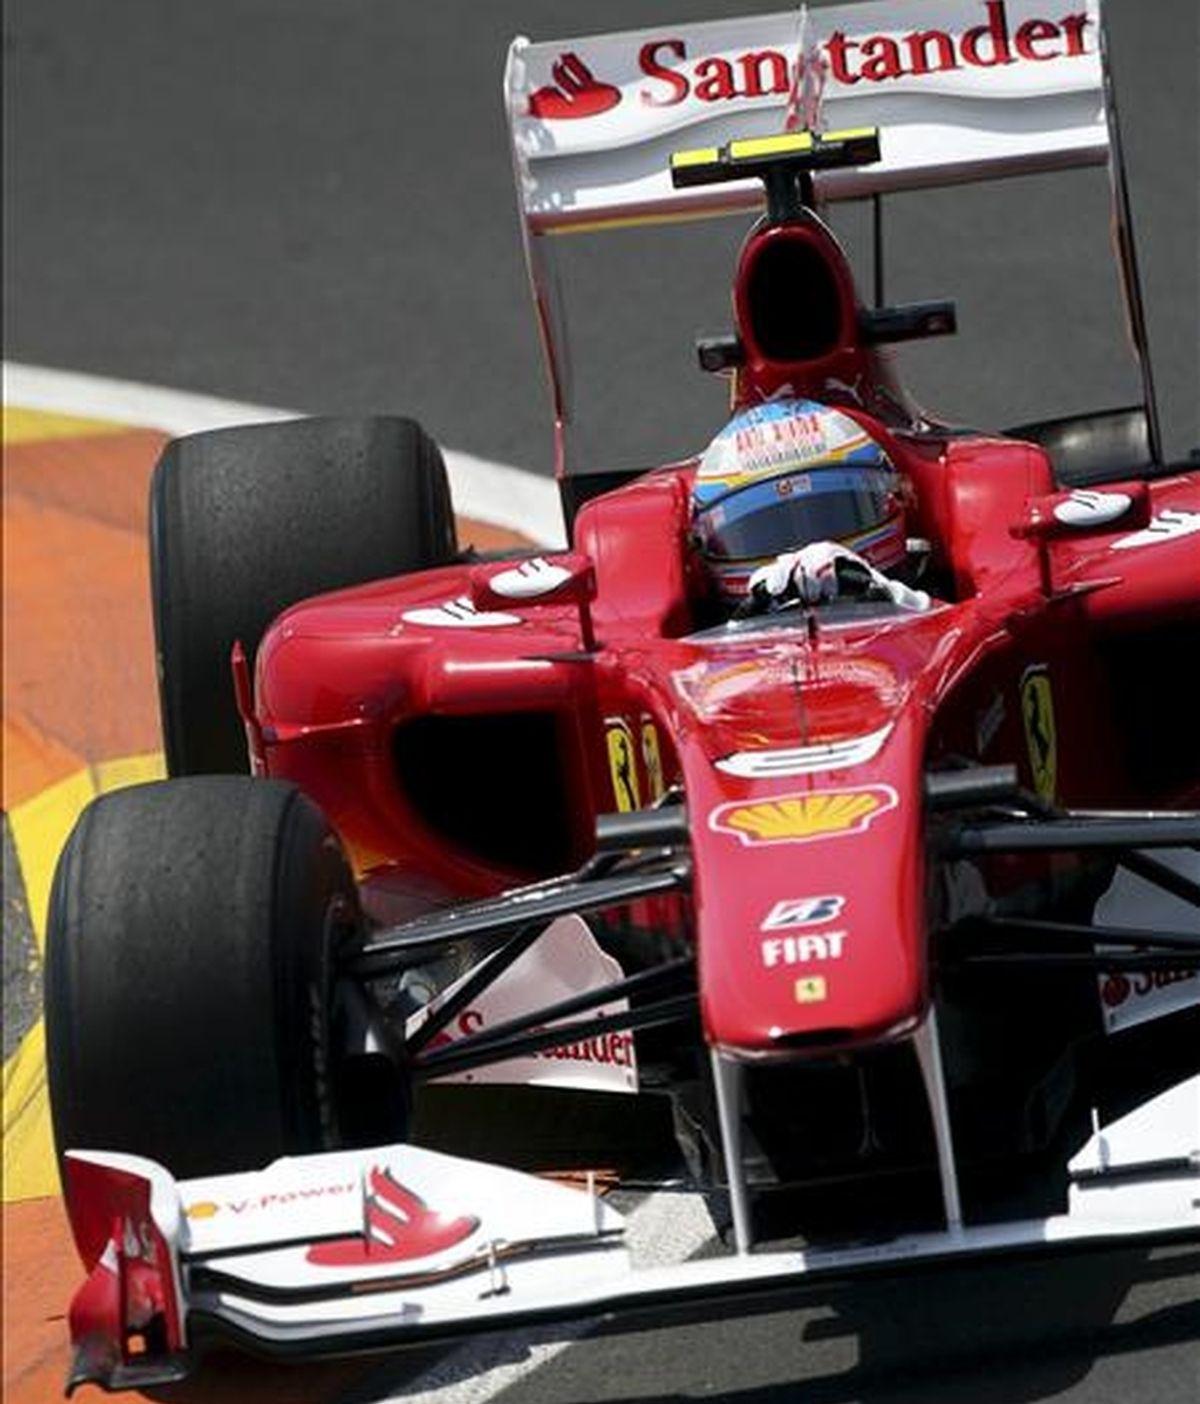 El piloto español de la escudería Ferrari, Fernando Alonso, traza una curva del circuito urbano de Valencia, durante el Gran Premio de Europa de Fórmula Uno. EFE/Archivo